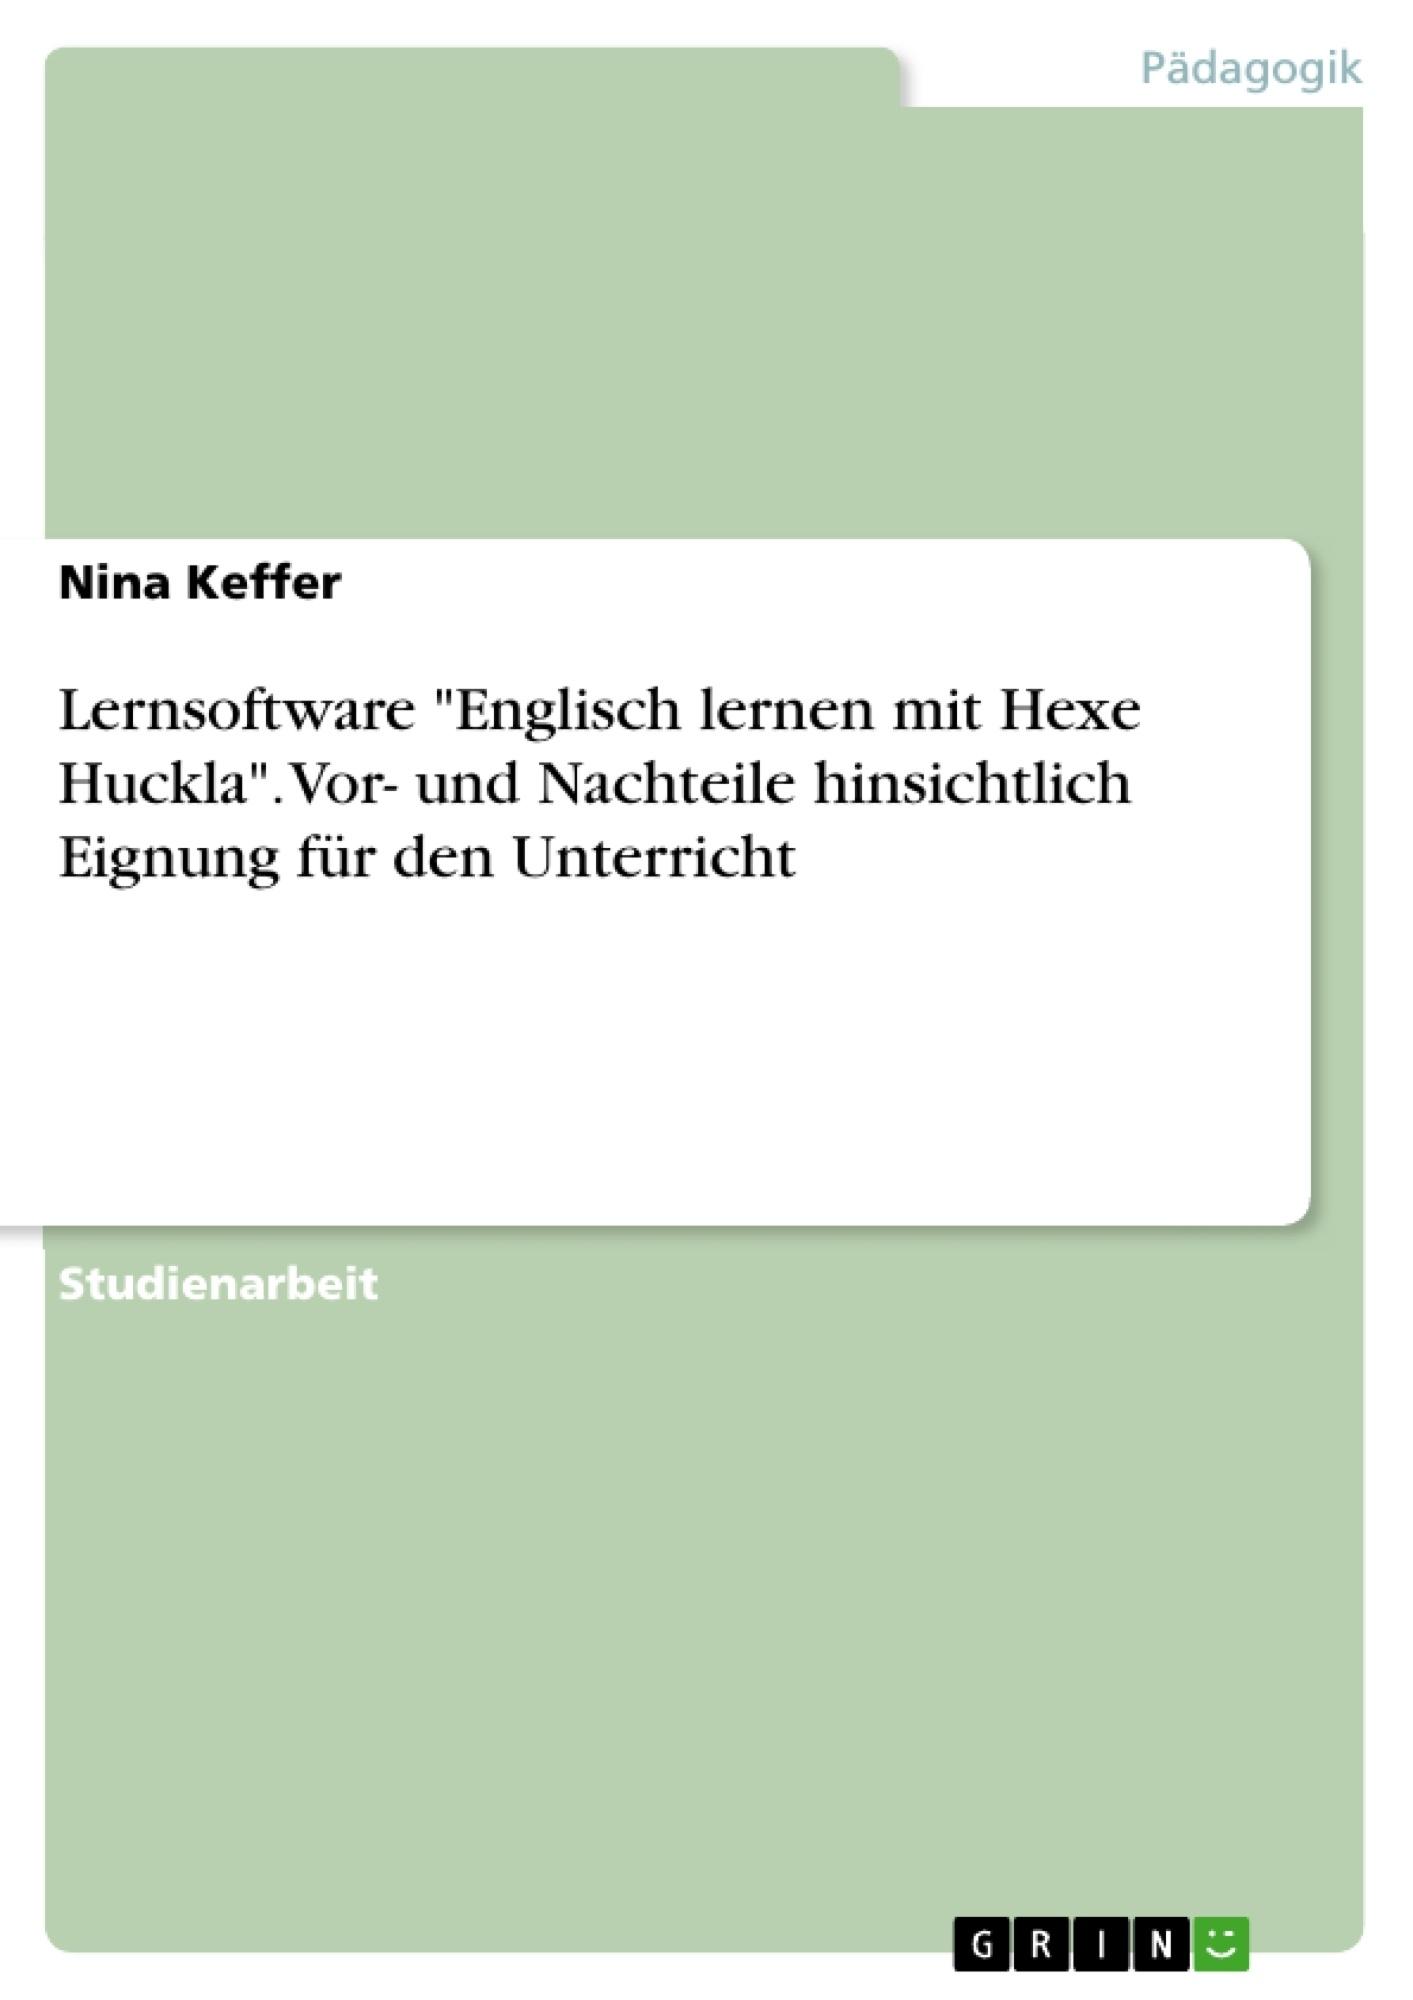 """Titel: Lernsoftware """"Englisch lernen mit Hexe Huckla"""". Vor- und Nachteile hinsichtlich Eignung für den Unterricht"""